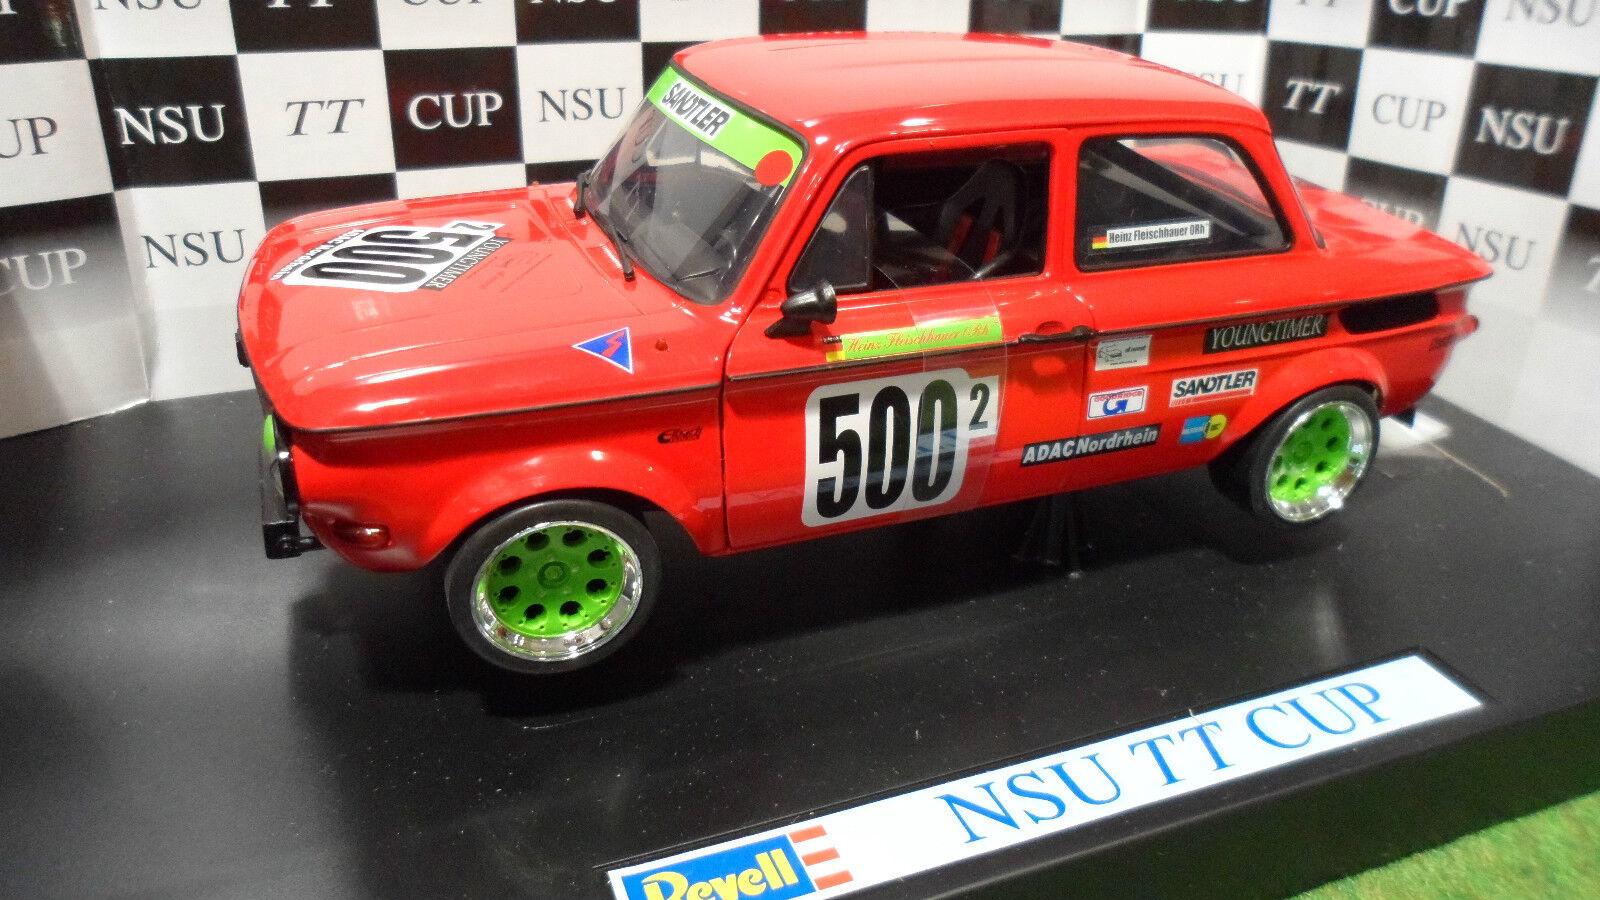 NSU TT CUP RACING  500 2 HEINZ FLEISCHHAUER 1 18 REVELL 08457 voiture miniature